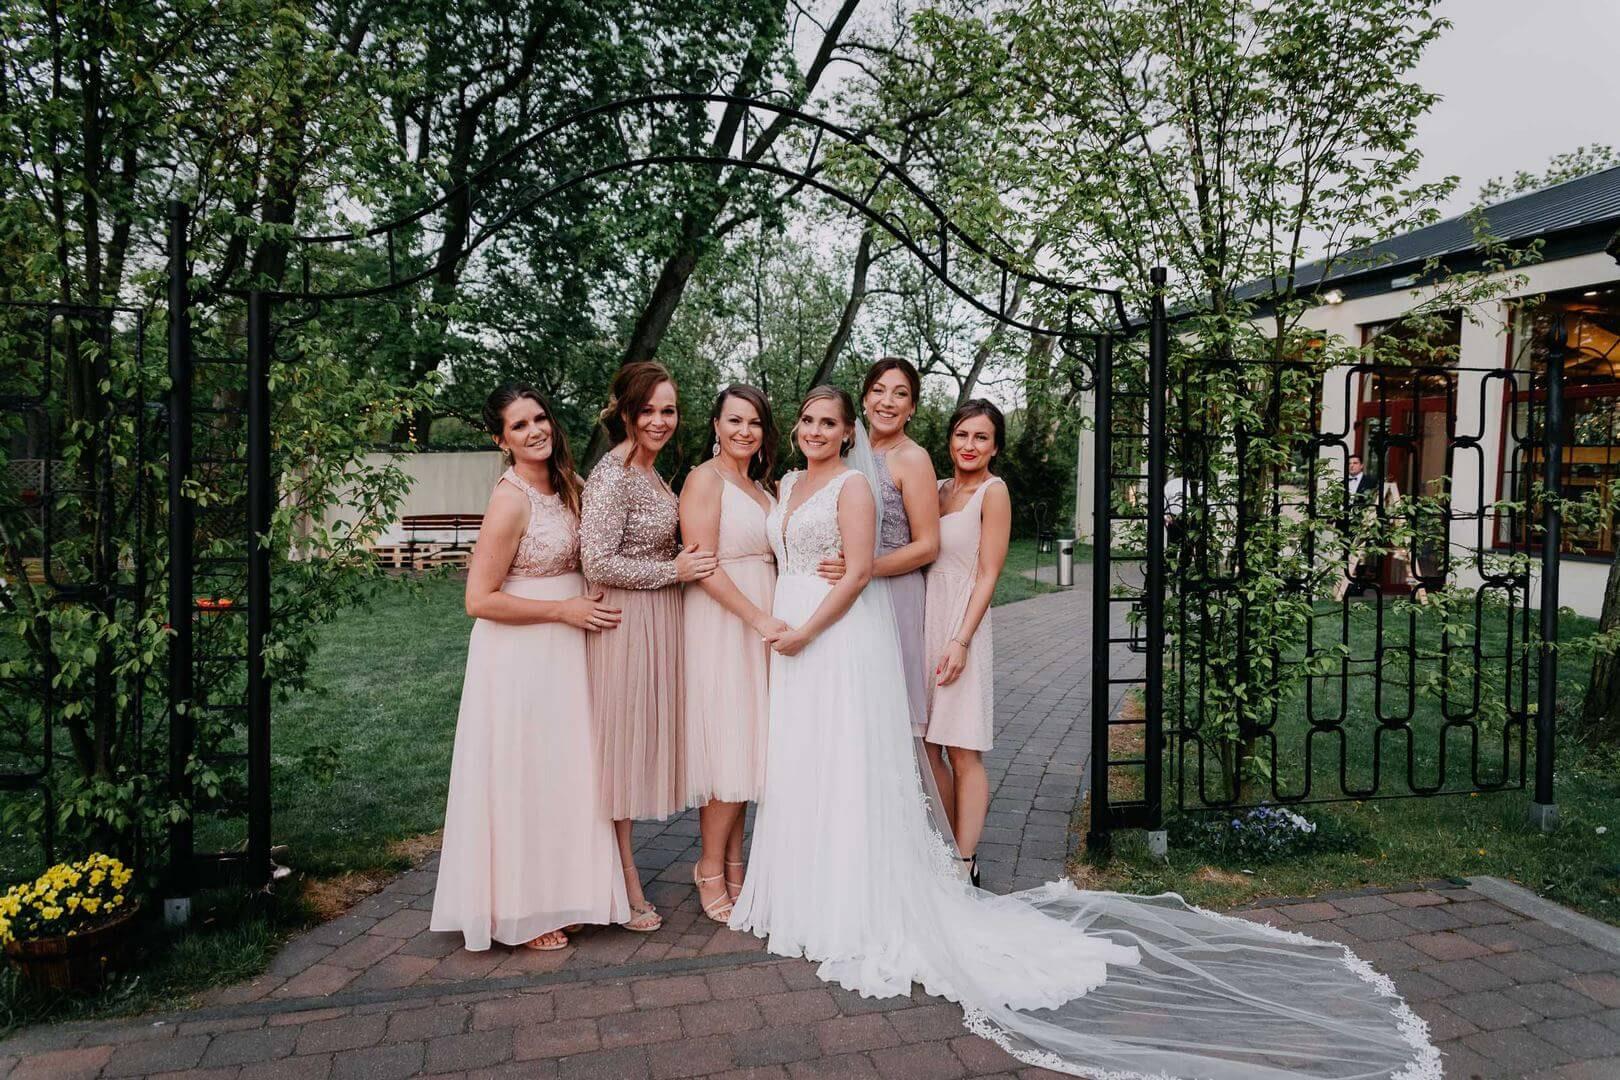 Zdjęcia grupowe na weselu. fotograf Szpakowicz Aleksander Gdańsk, Trójmiasto - szpakowicz-studio.pl 17